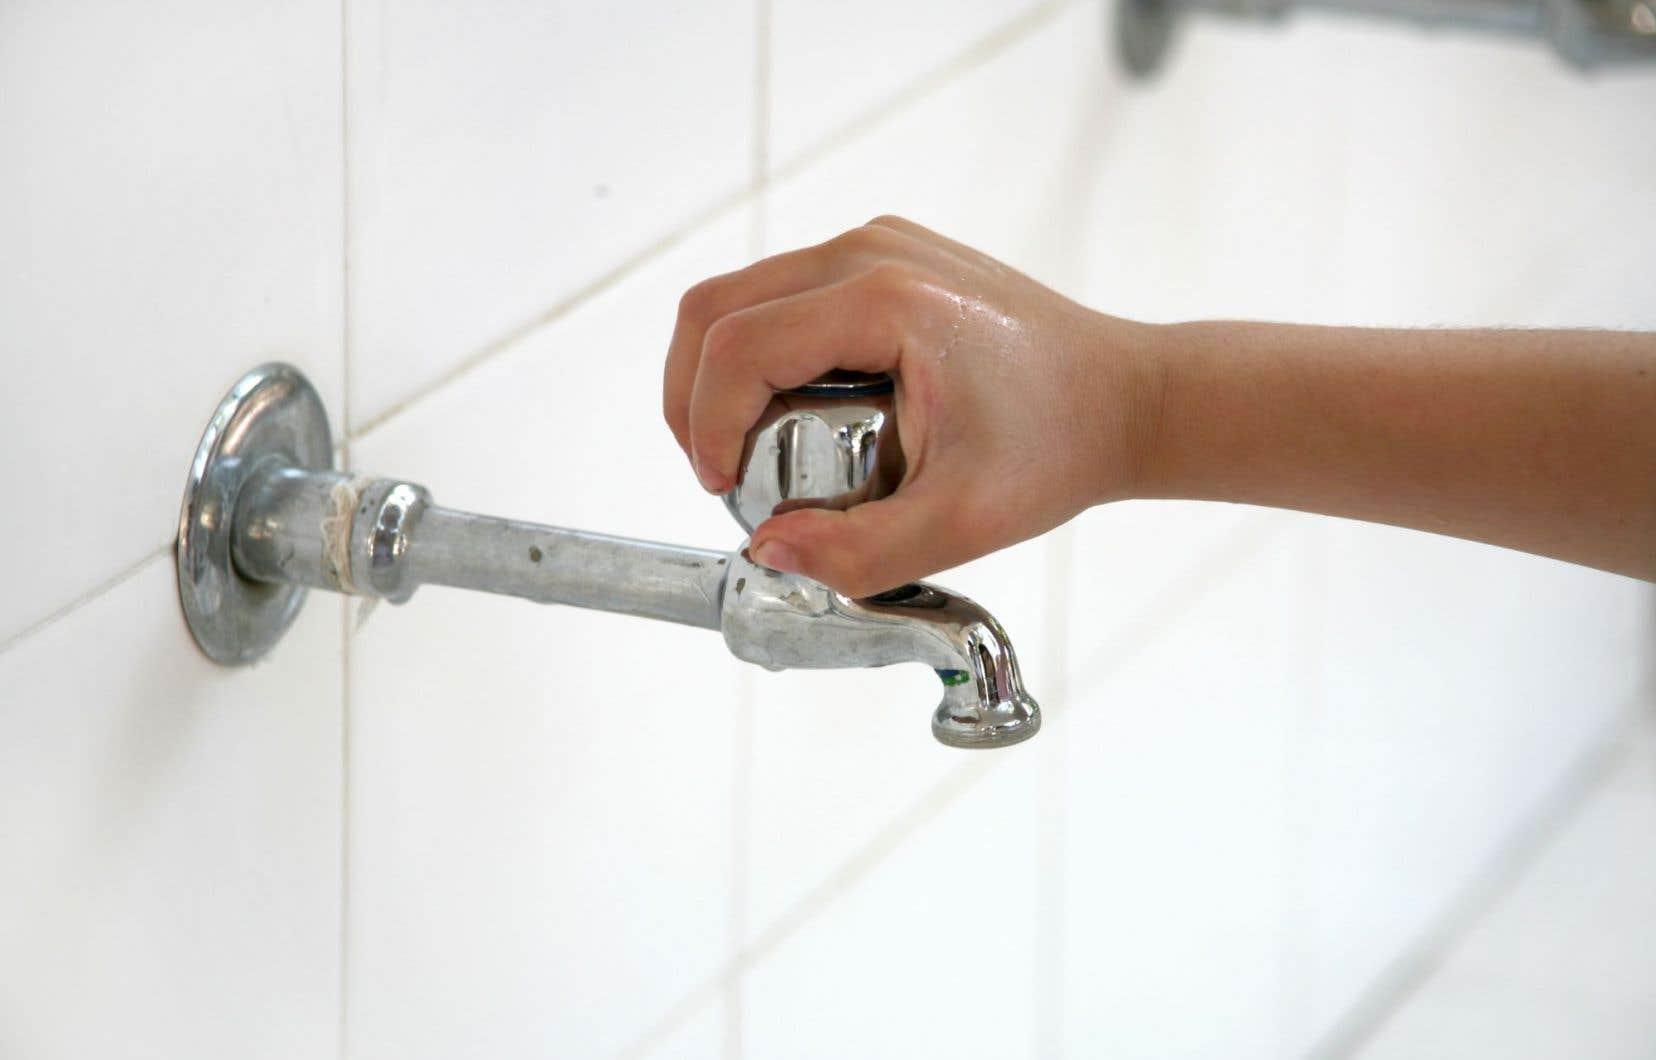 Pour l'instant, un peu plus d'un ménage sur dix (11,9%) a de la difficulté à payer les factures d'eau, ce qui représente près de 13,8millions de foyers.